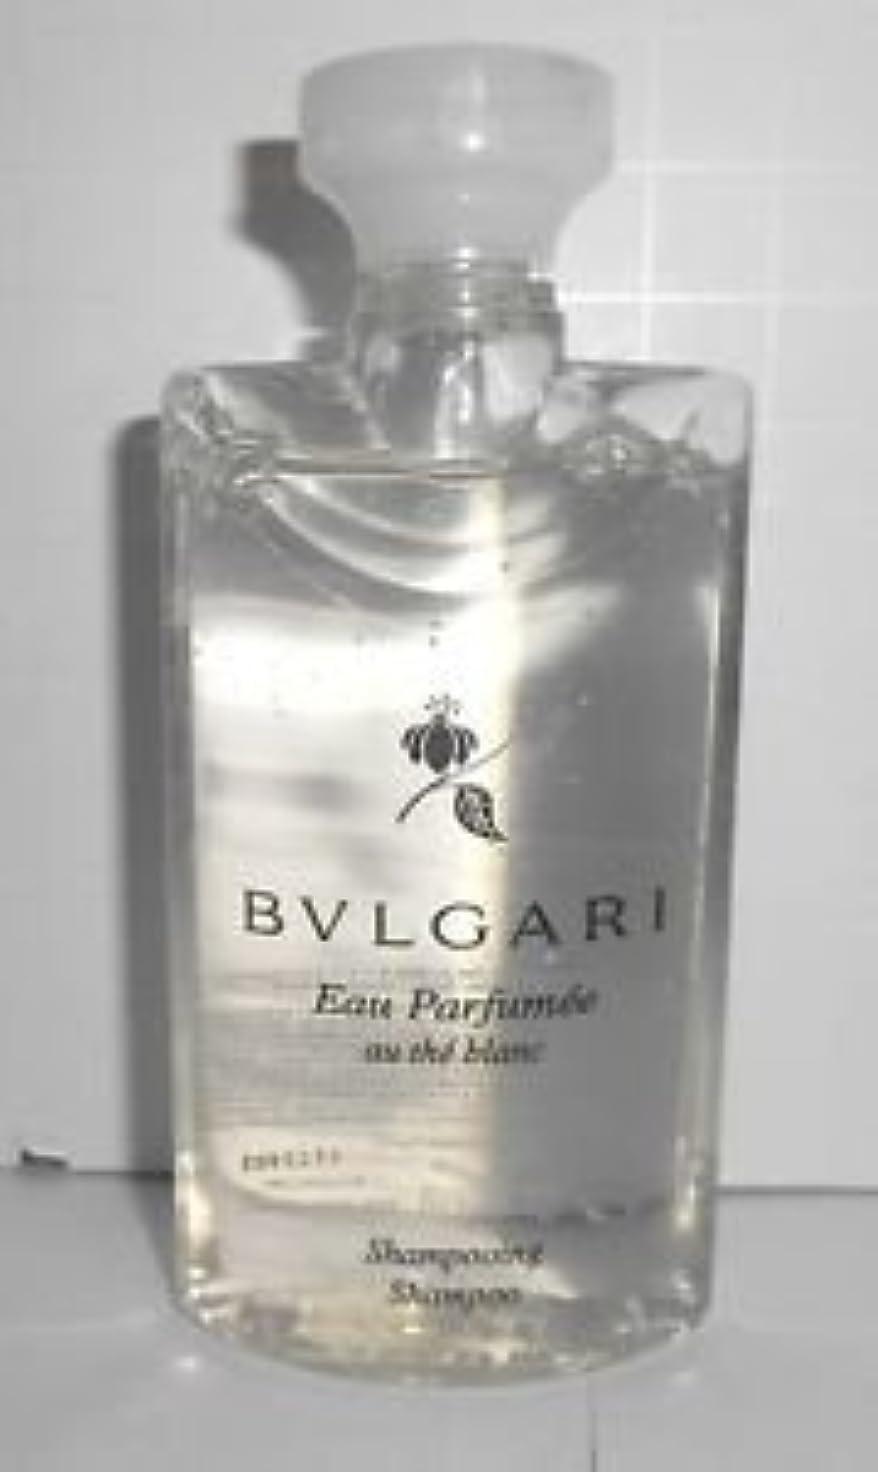 娯楽厚いダイジェストBvlgari Eau Parfumee Au The Blanc (ブルガリ オー パフュ-メ オウ ブラン) 2.5 oz (75ml) シャンプー